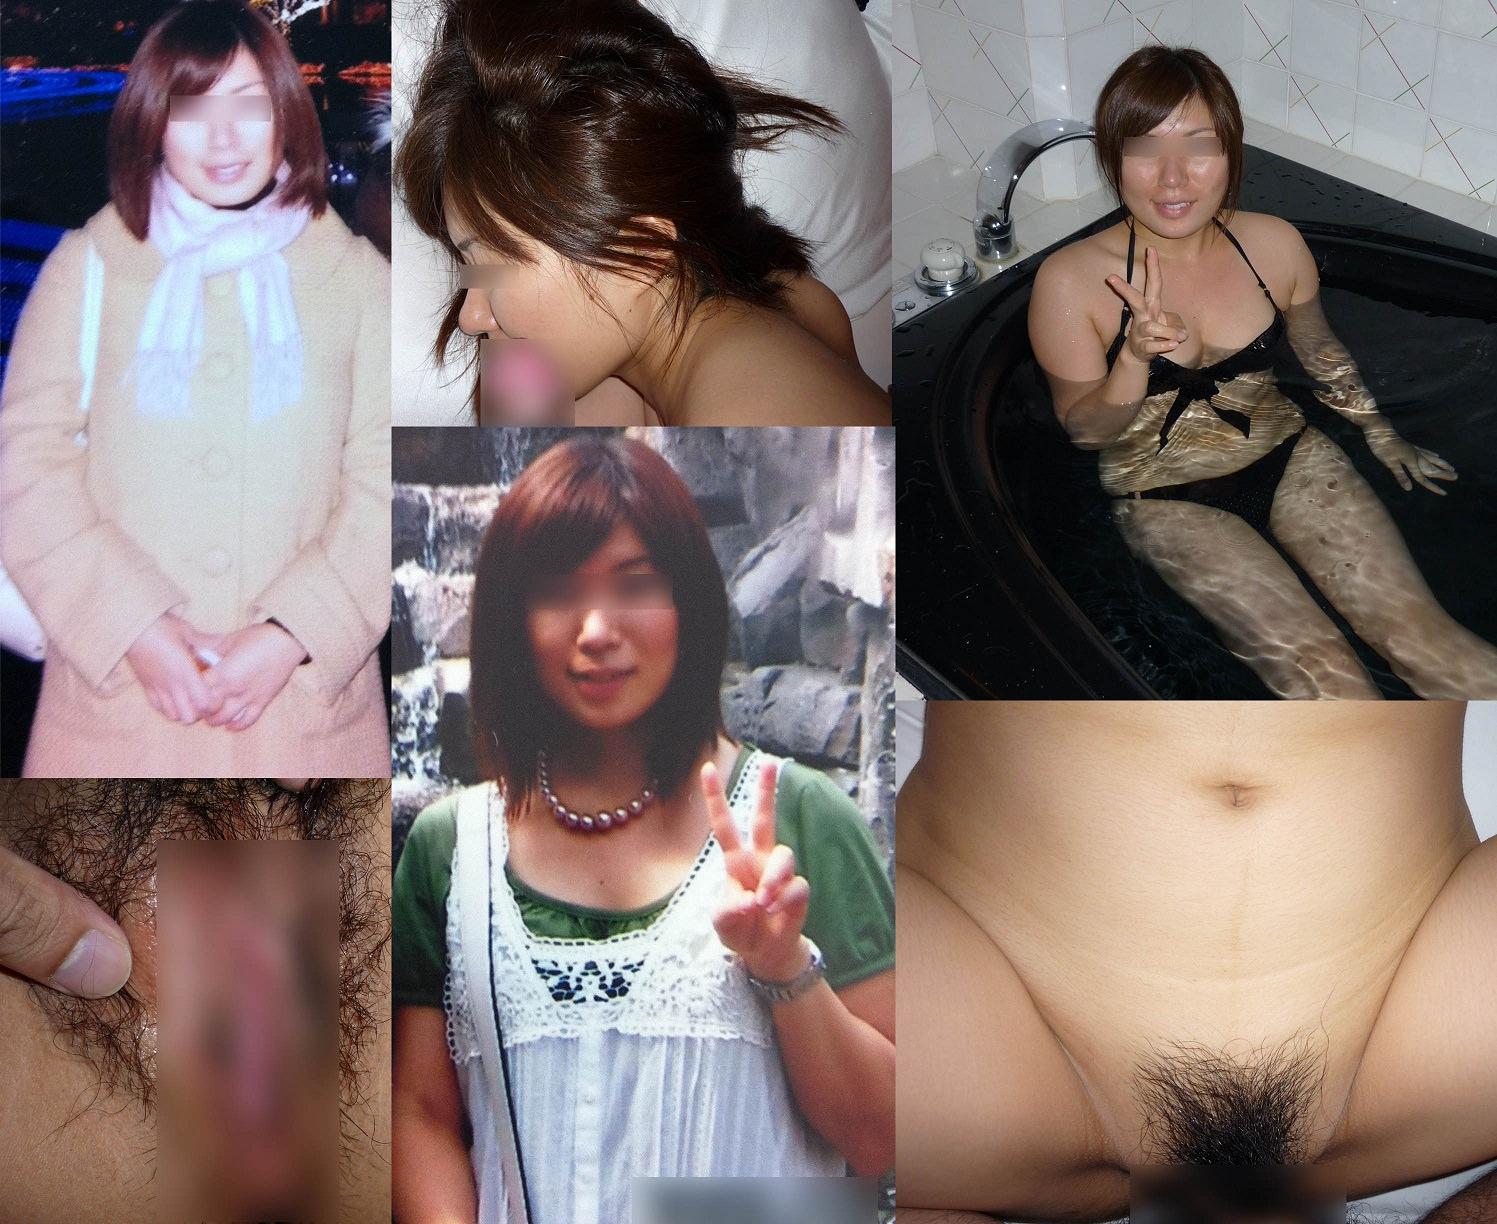 普通の素人女子がこんなに豹変するの!??普段着とセックス姿の比較画像www 1733